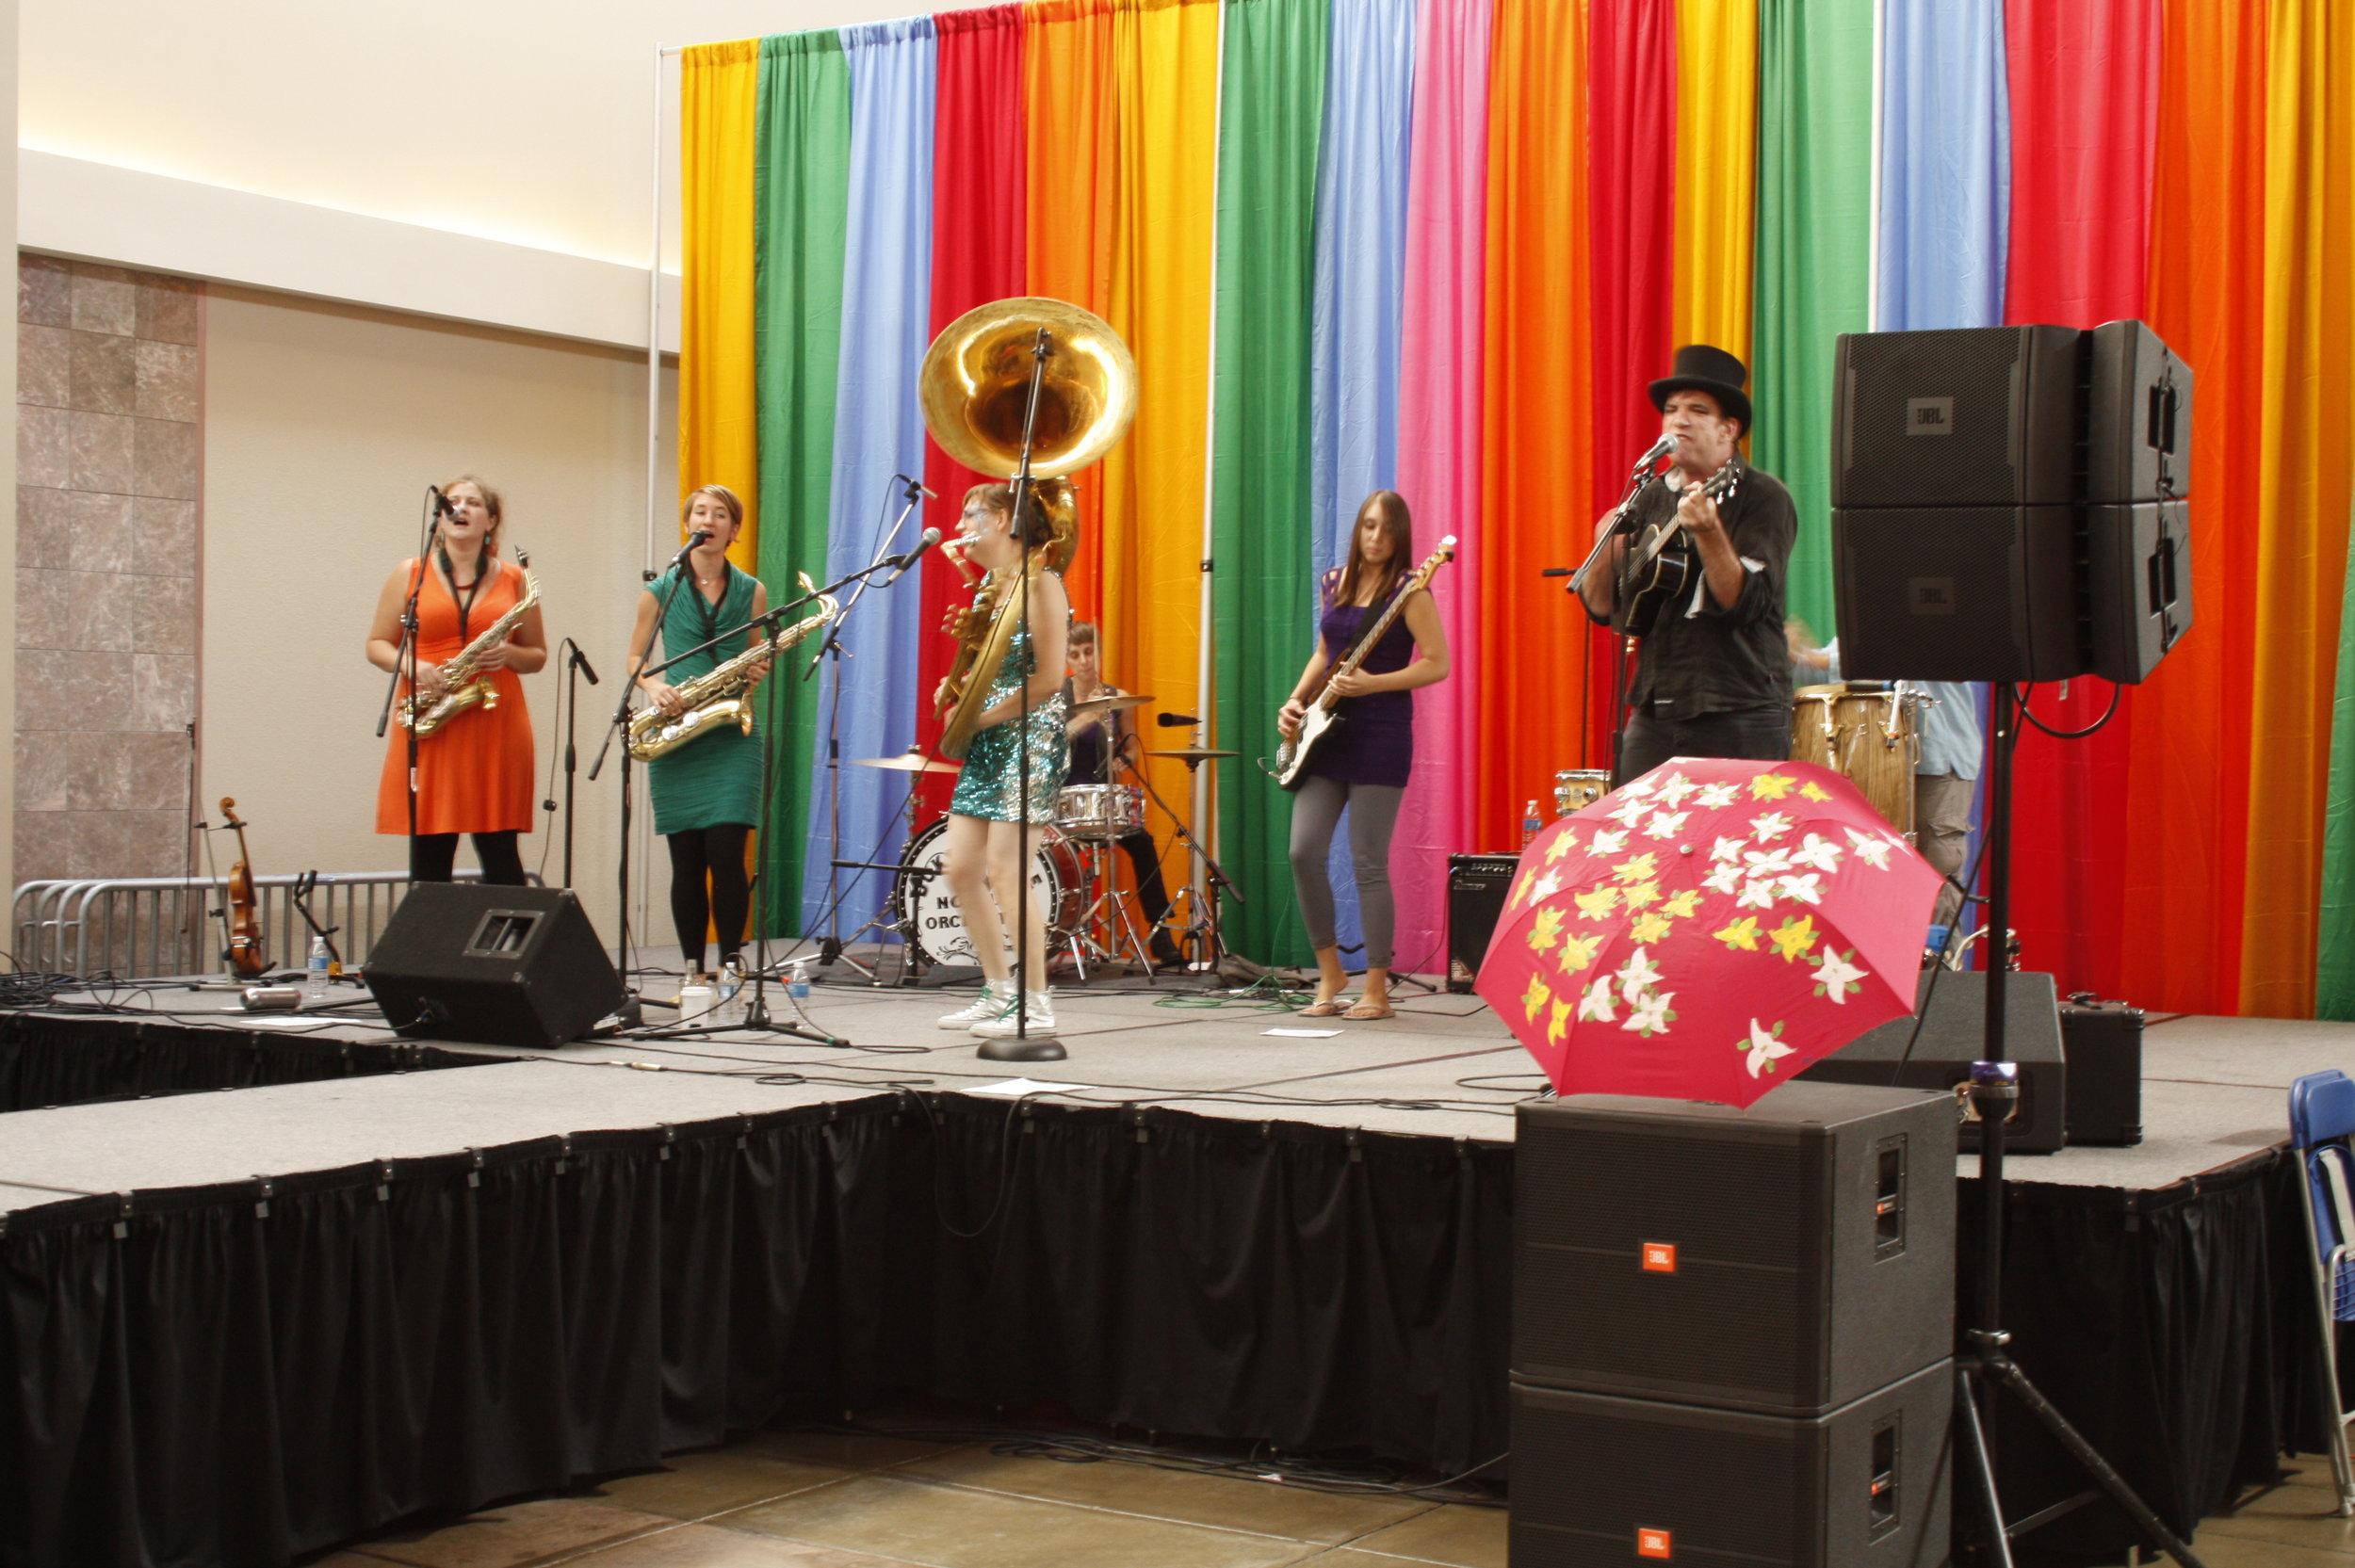 pridefest201220120908_0042.JPG